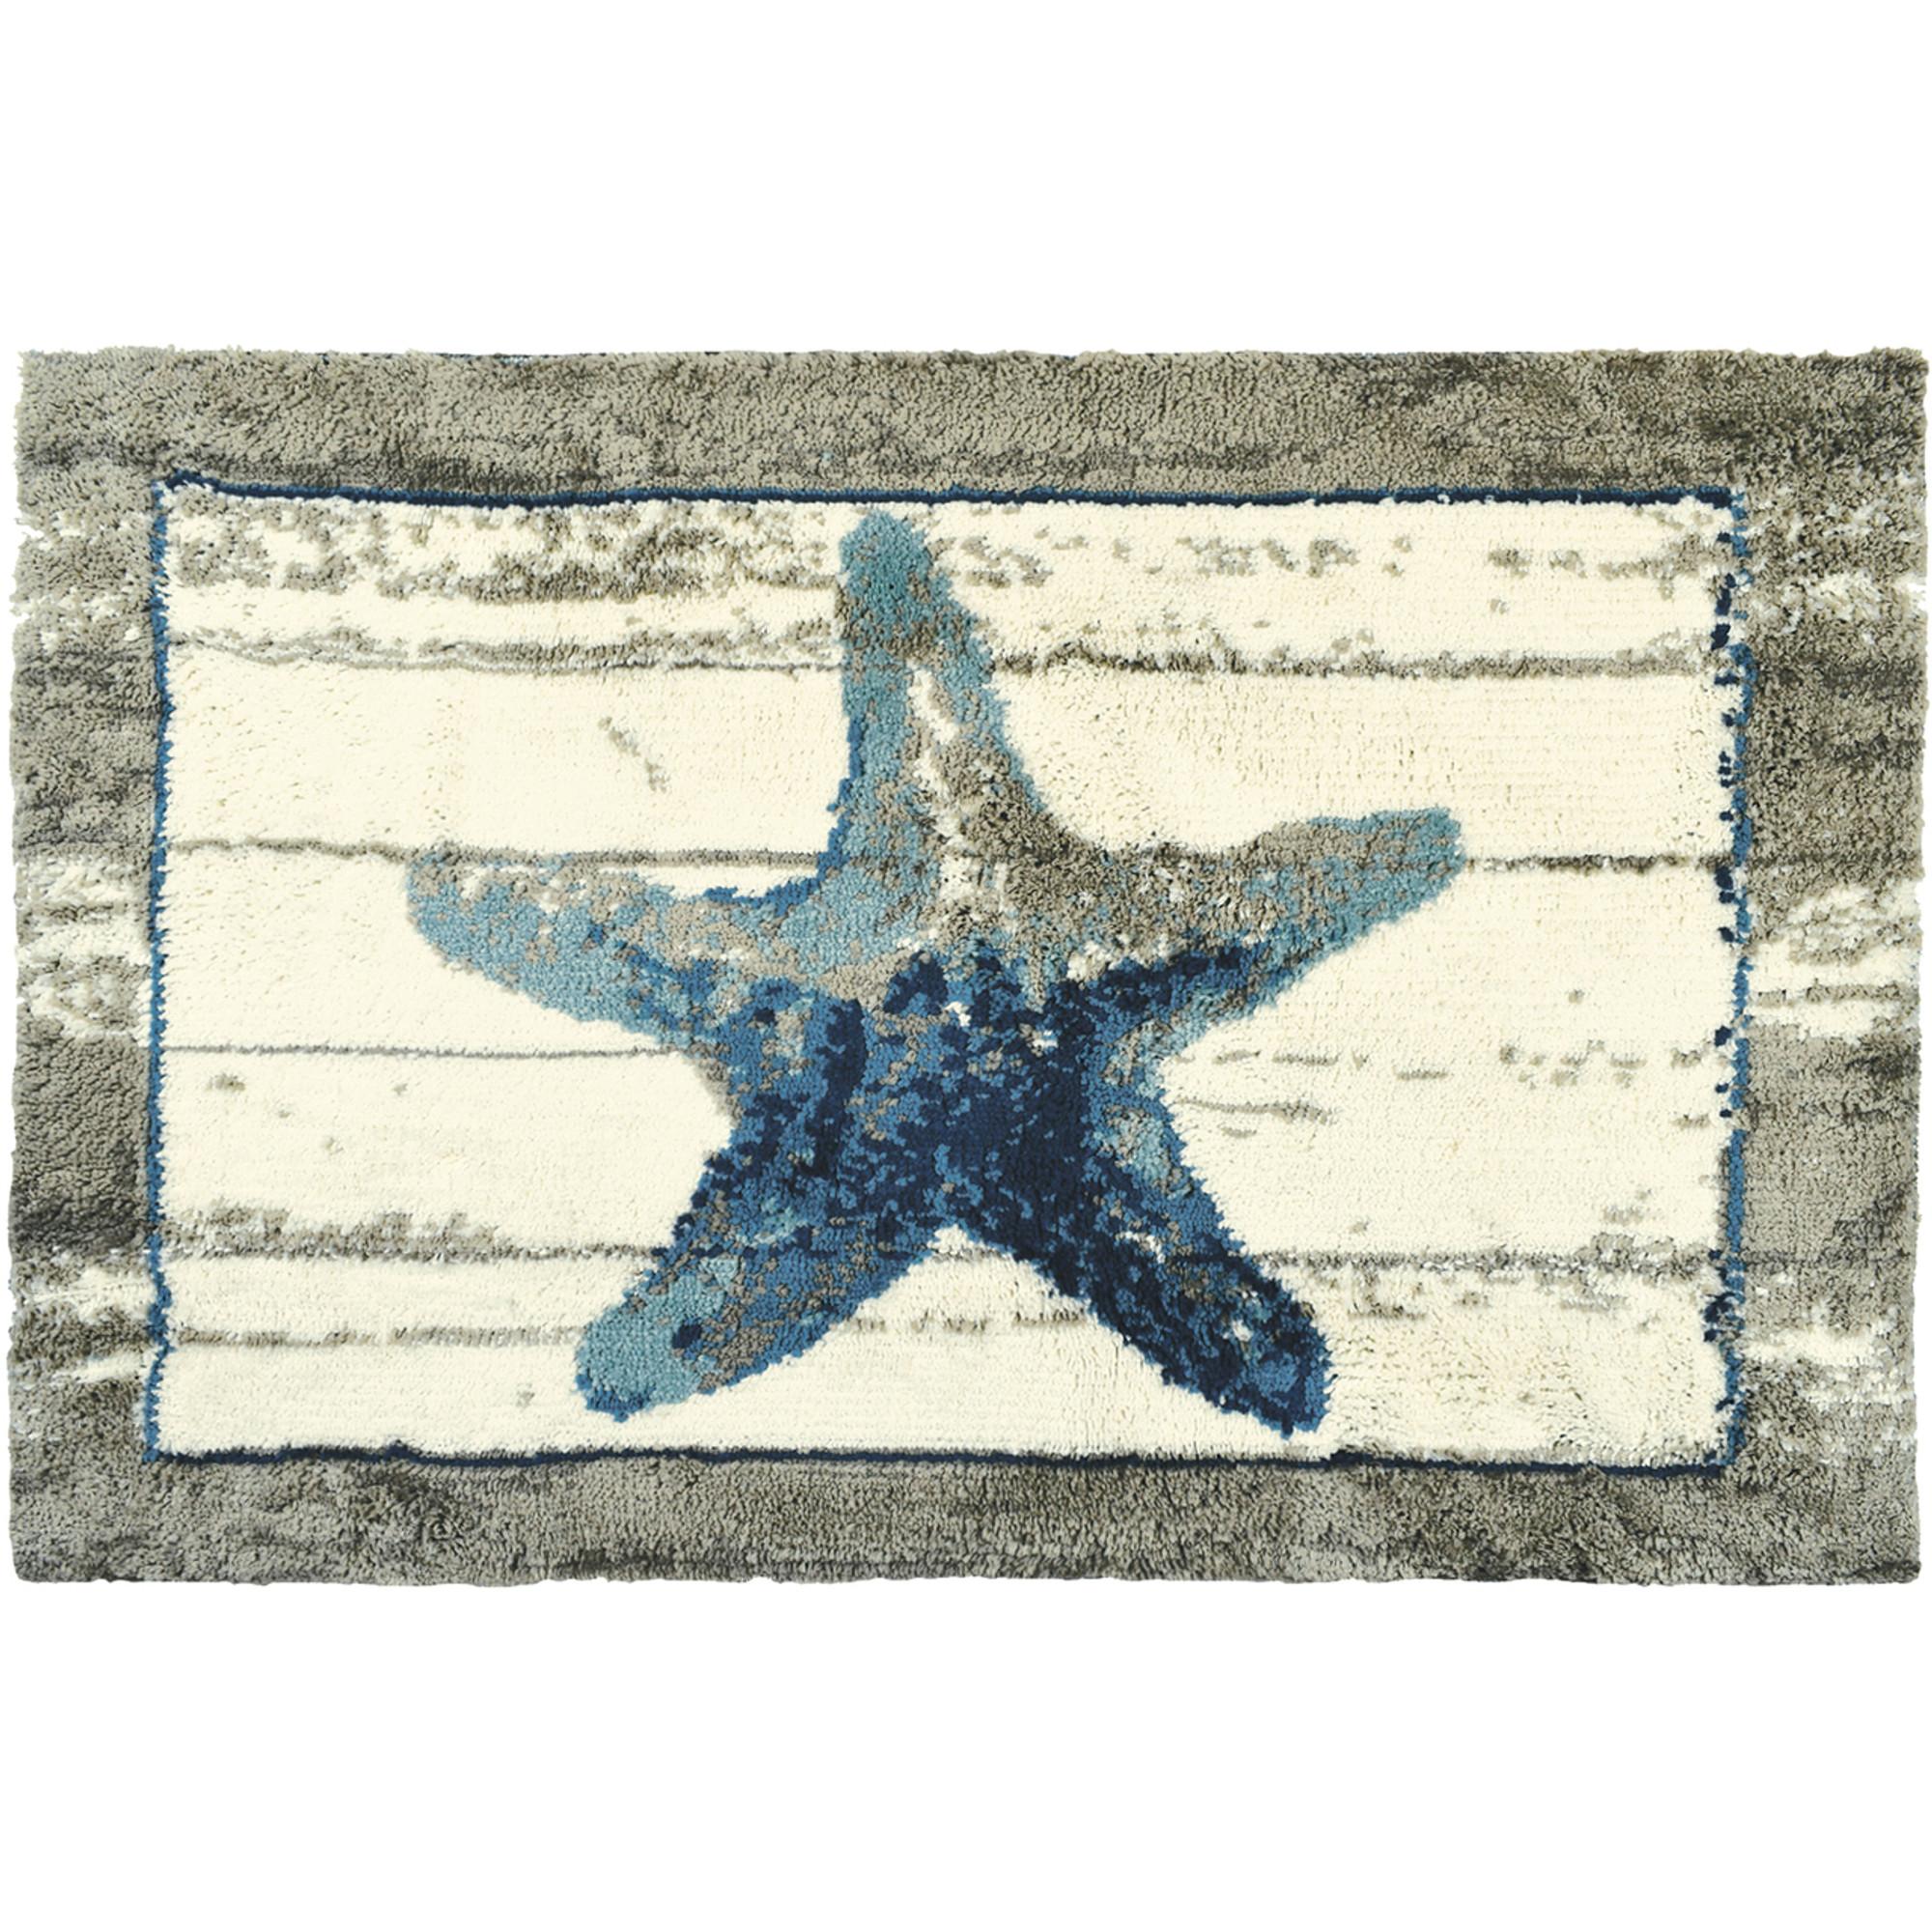 Driftwood Starfish